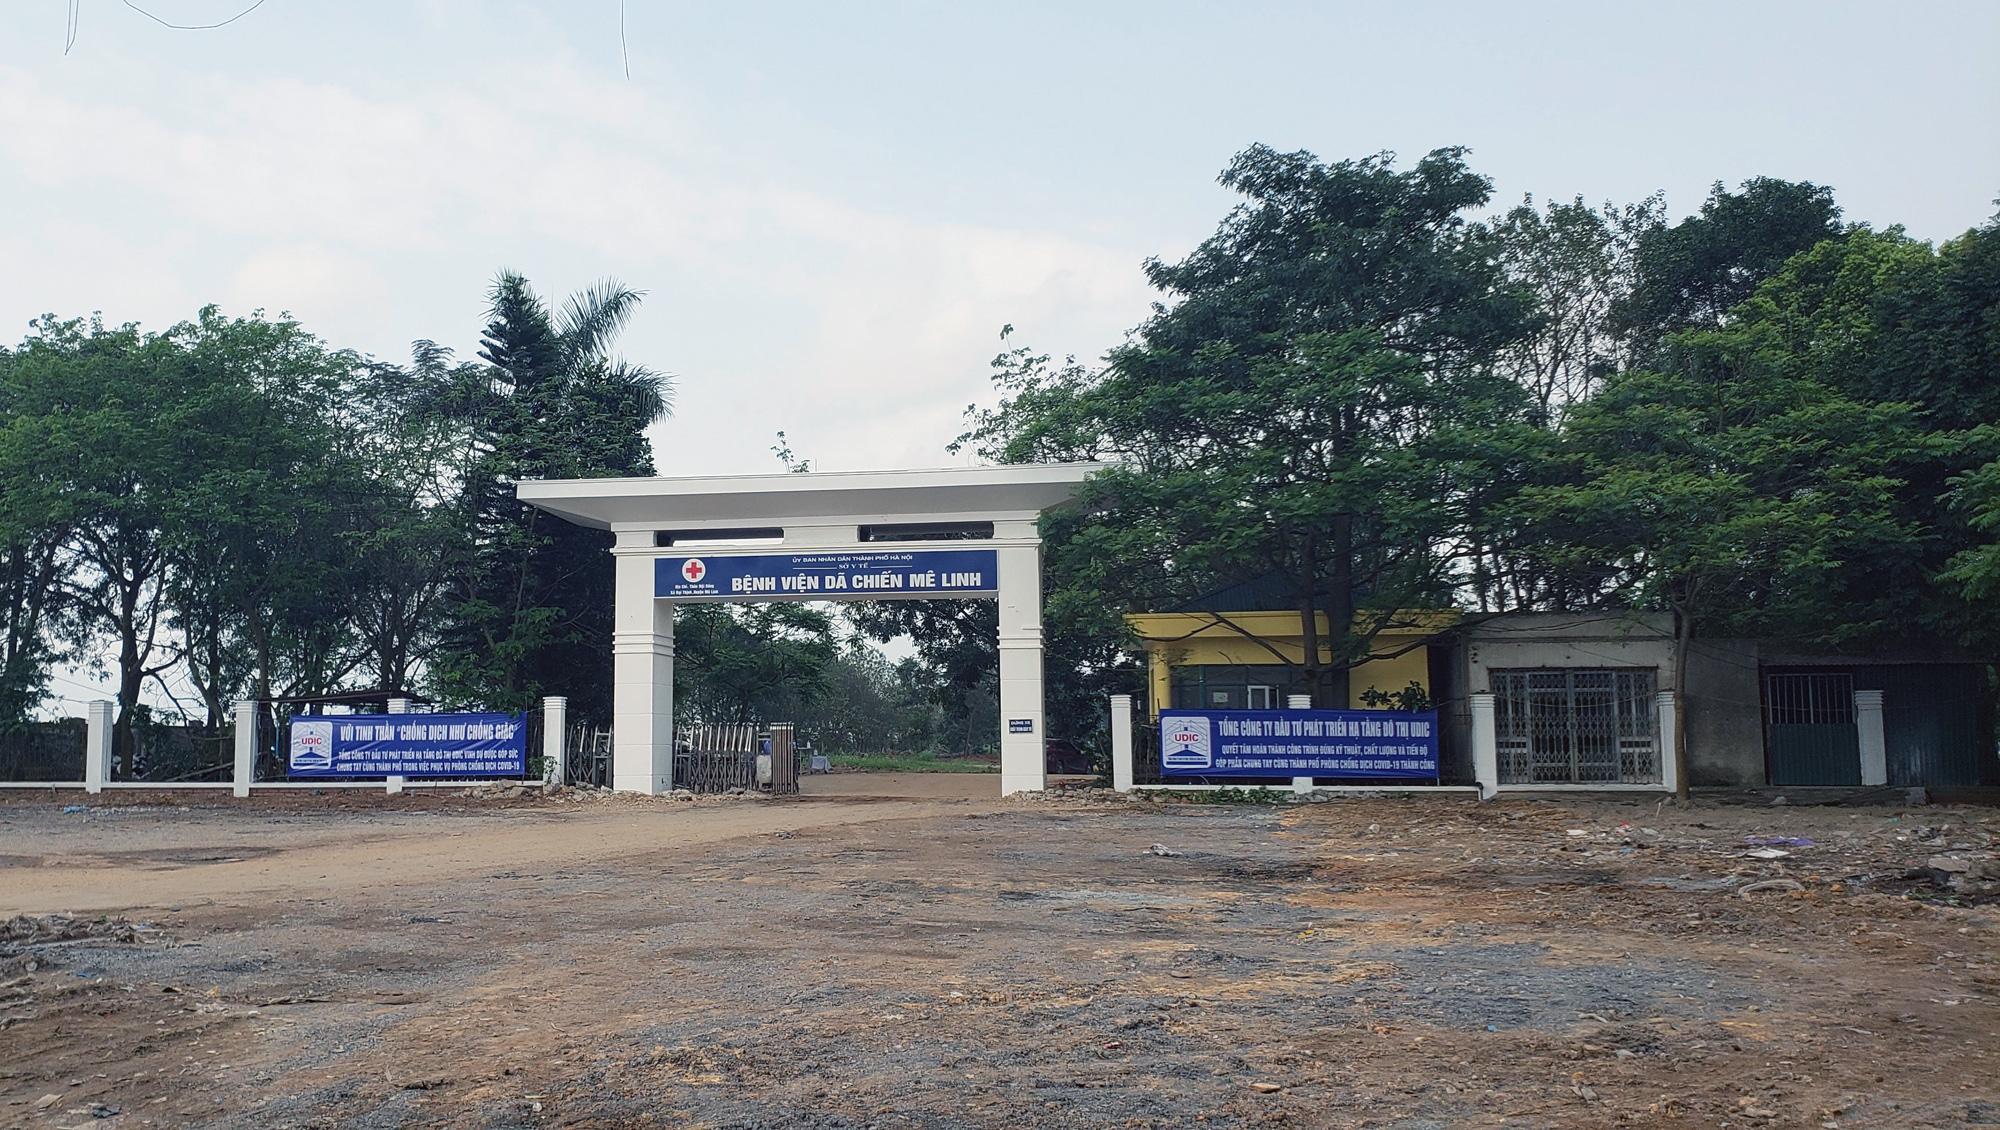 Hà Nội sửa xong bệnh viện bỏ hoang ở Mê Linh làm khu cách li chống dịch Covid-19 - Ảnh 7.